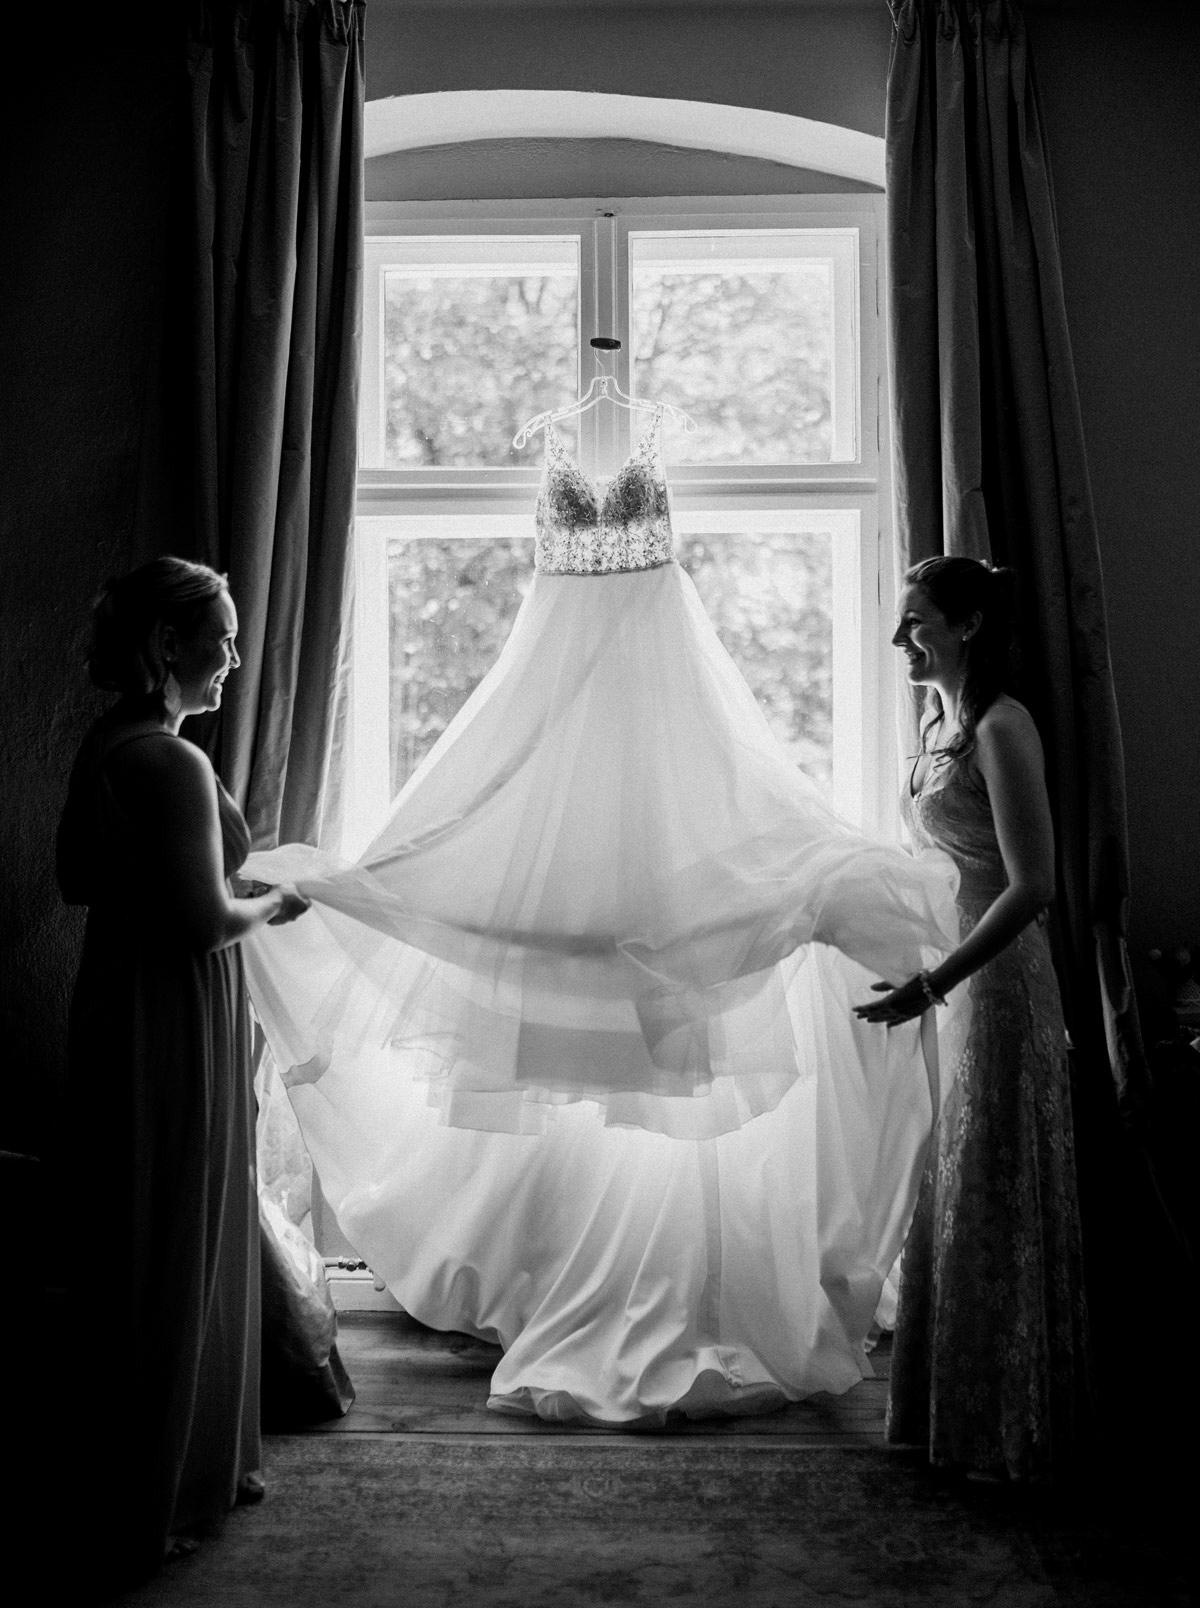 Idee Hochzeitsfoto Brautkleid Tüll Spitze lange Schleppe vor Fenster im Gegenlicht auf schönem Kleiderbügel - Schloss Blankensee Hochzeit Hochzeitsfotograf Berlin © www.hochzeitslicht.de